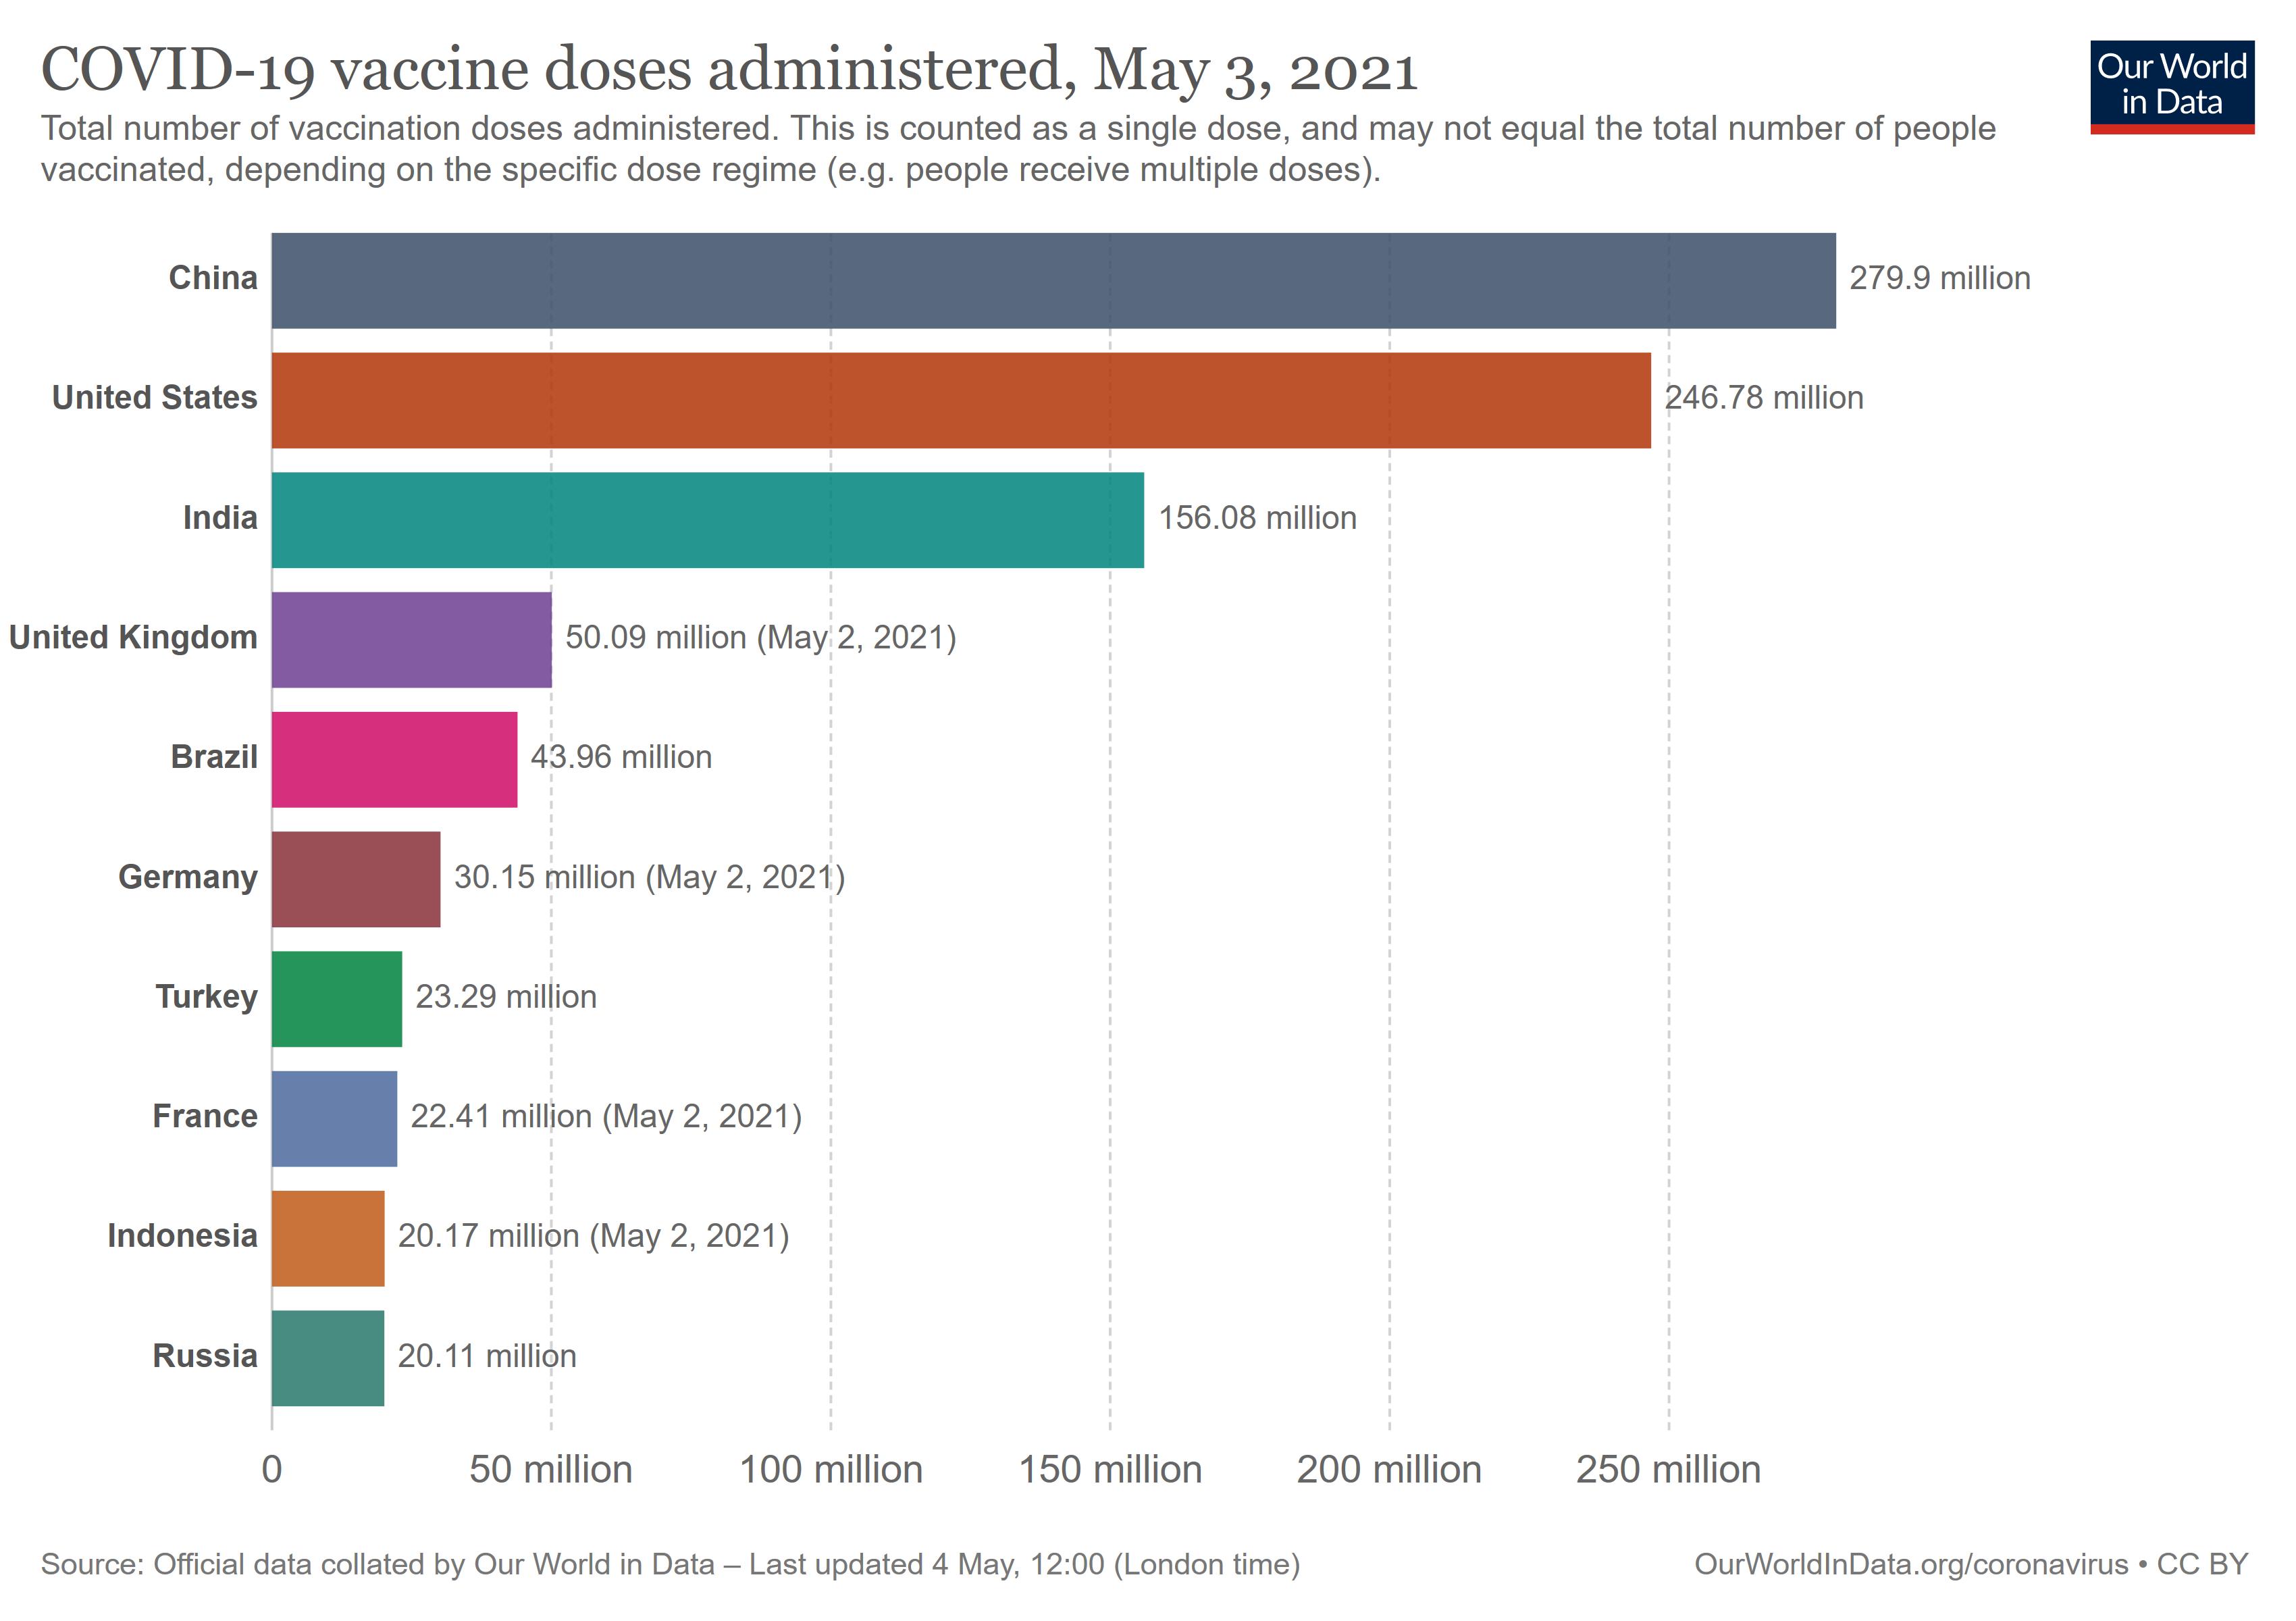 10 dengan vaksinasi tertinggi (Mei 2021) © Our World Data